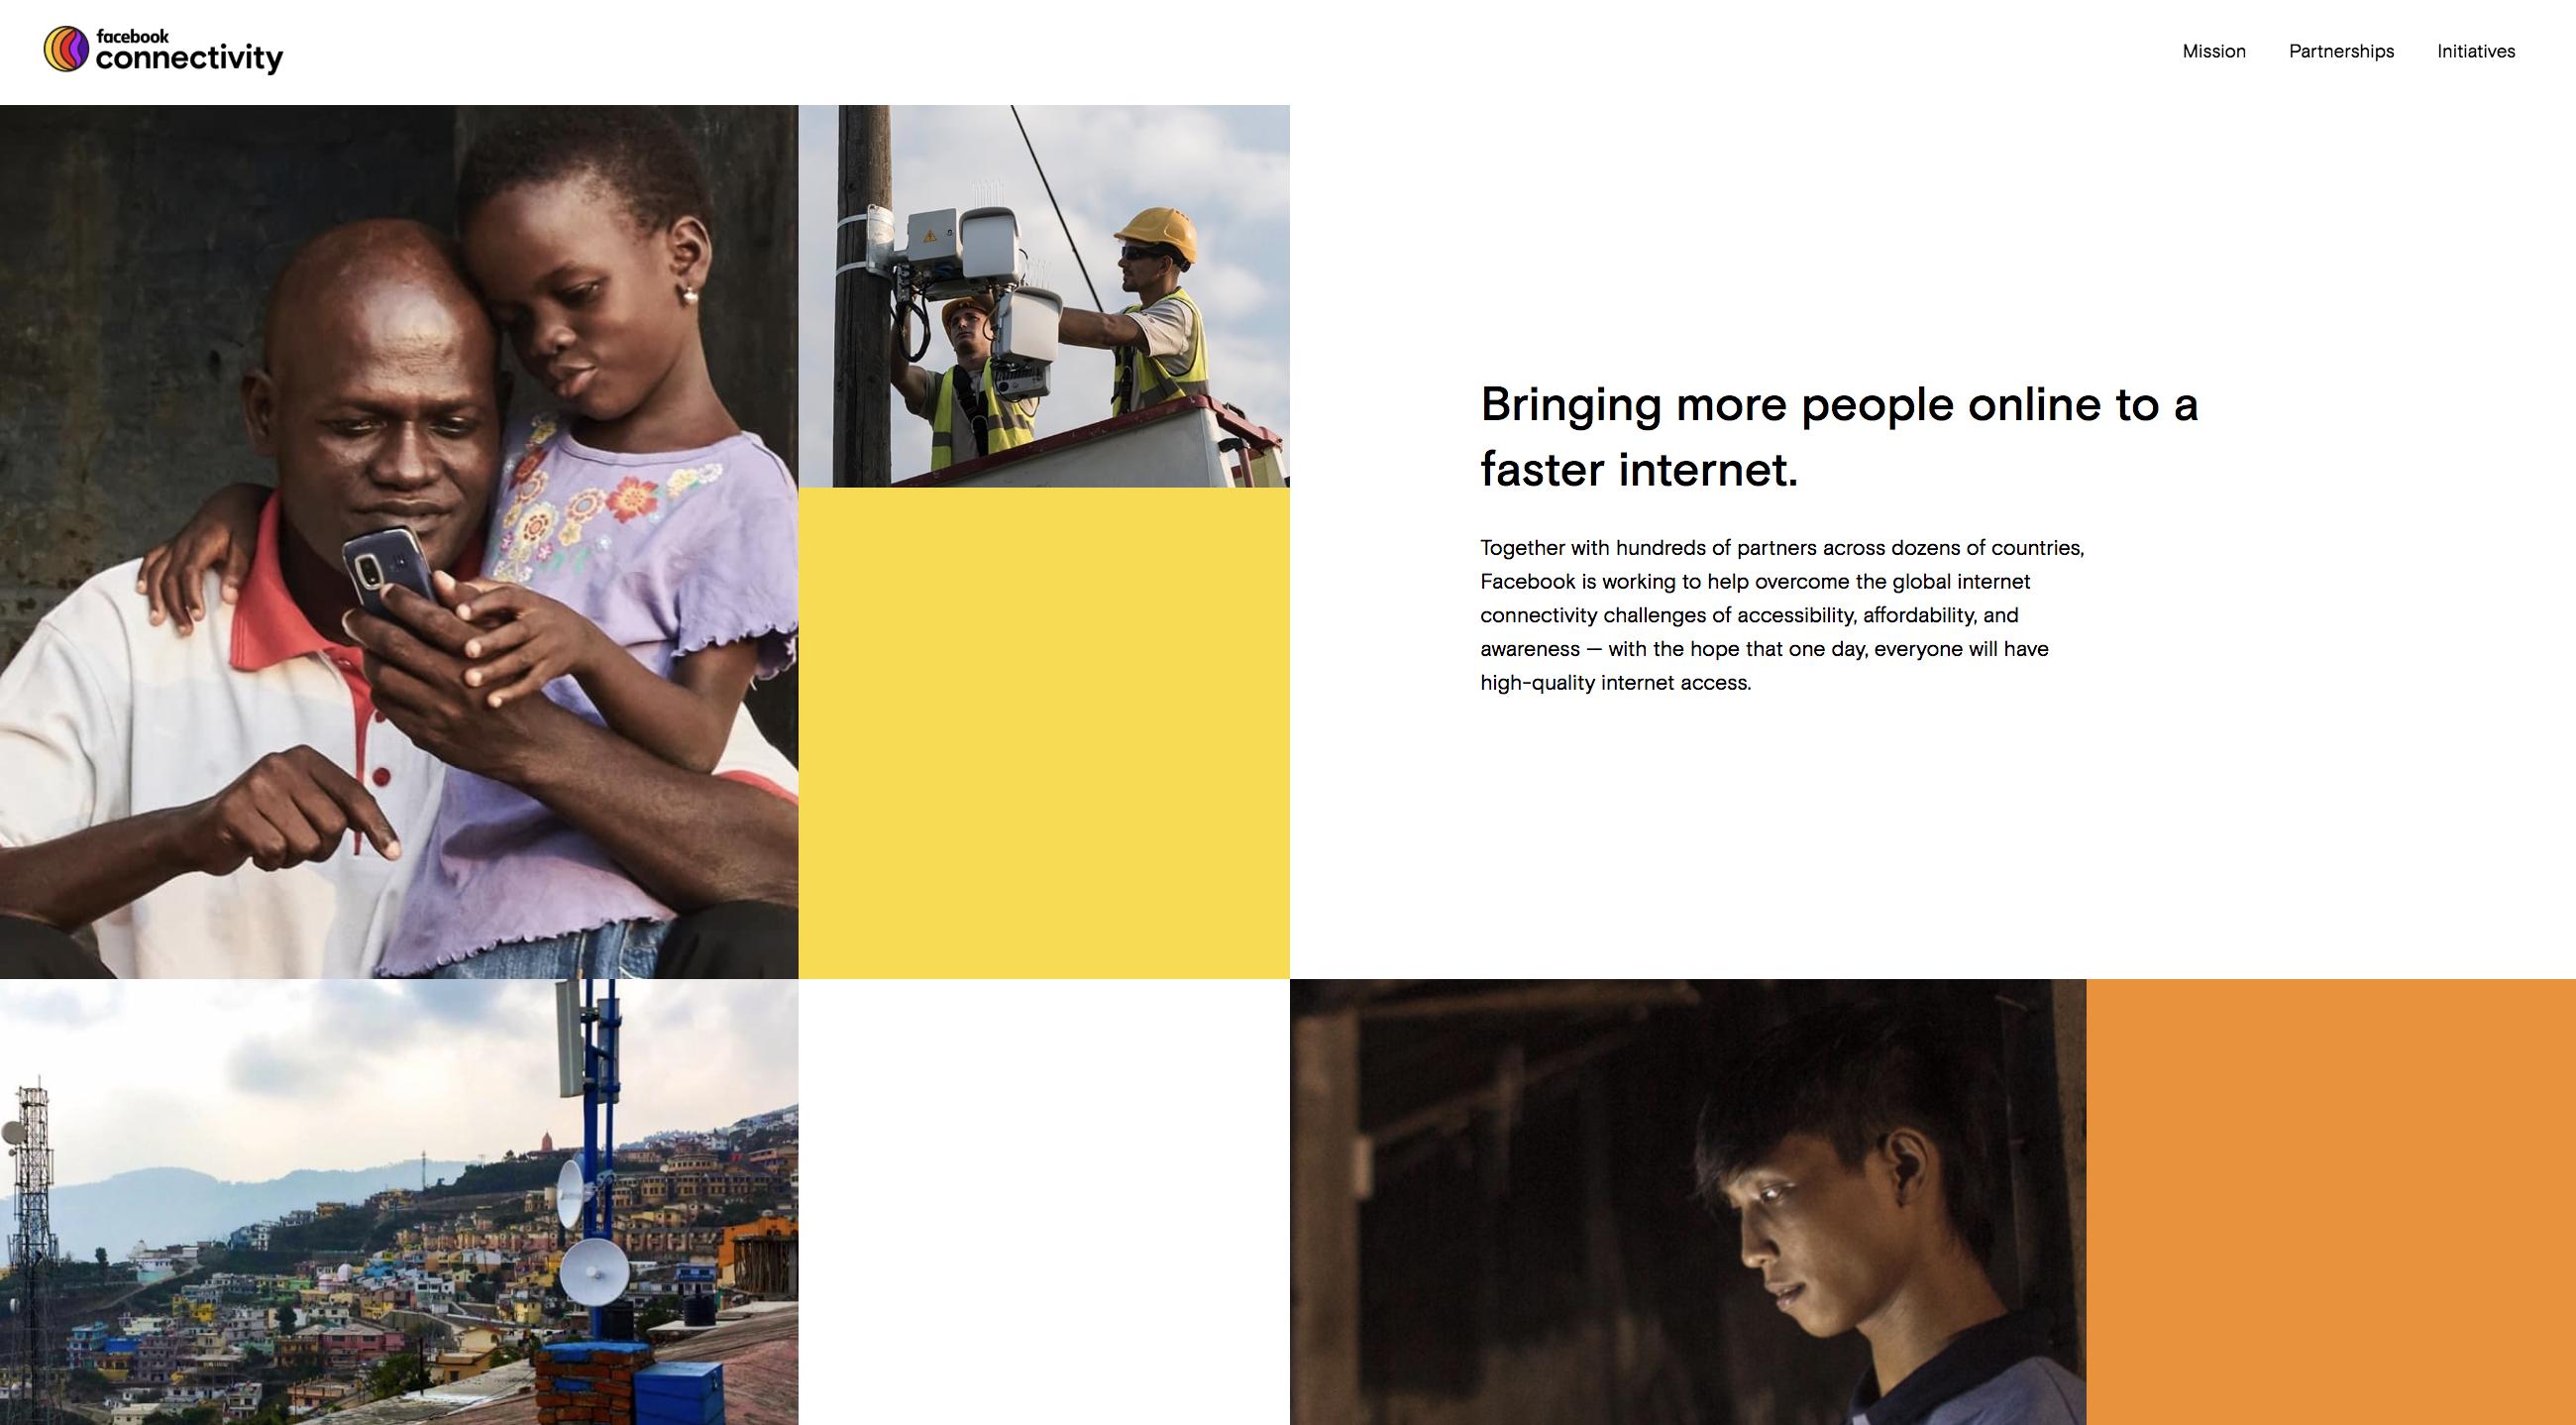 FB成立Connectivity部门,整合旗下多个互联网普及项目